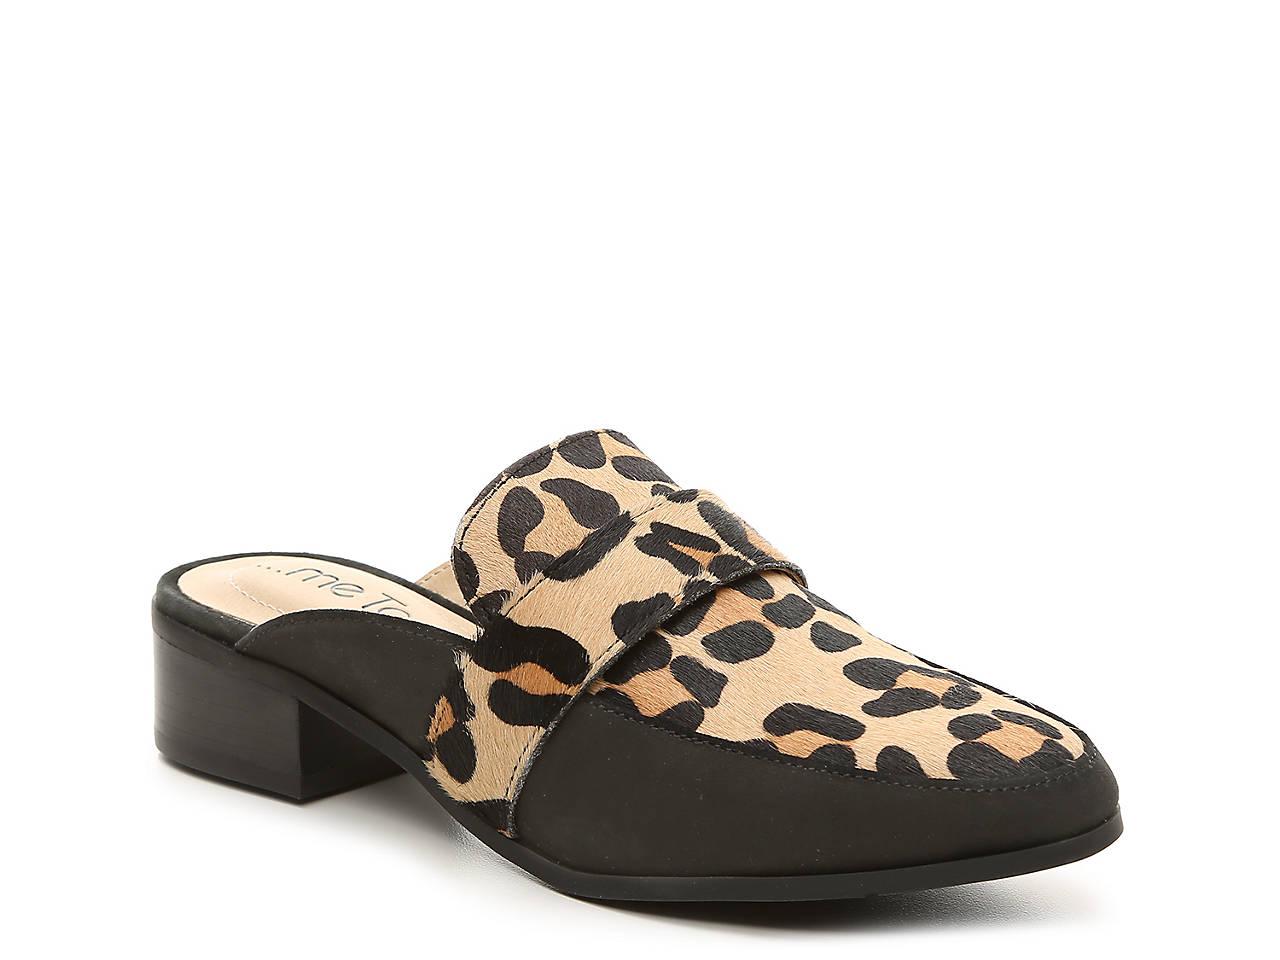 8903b6257 Me Too Jada Mule Women s Shoes